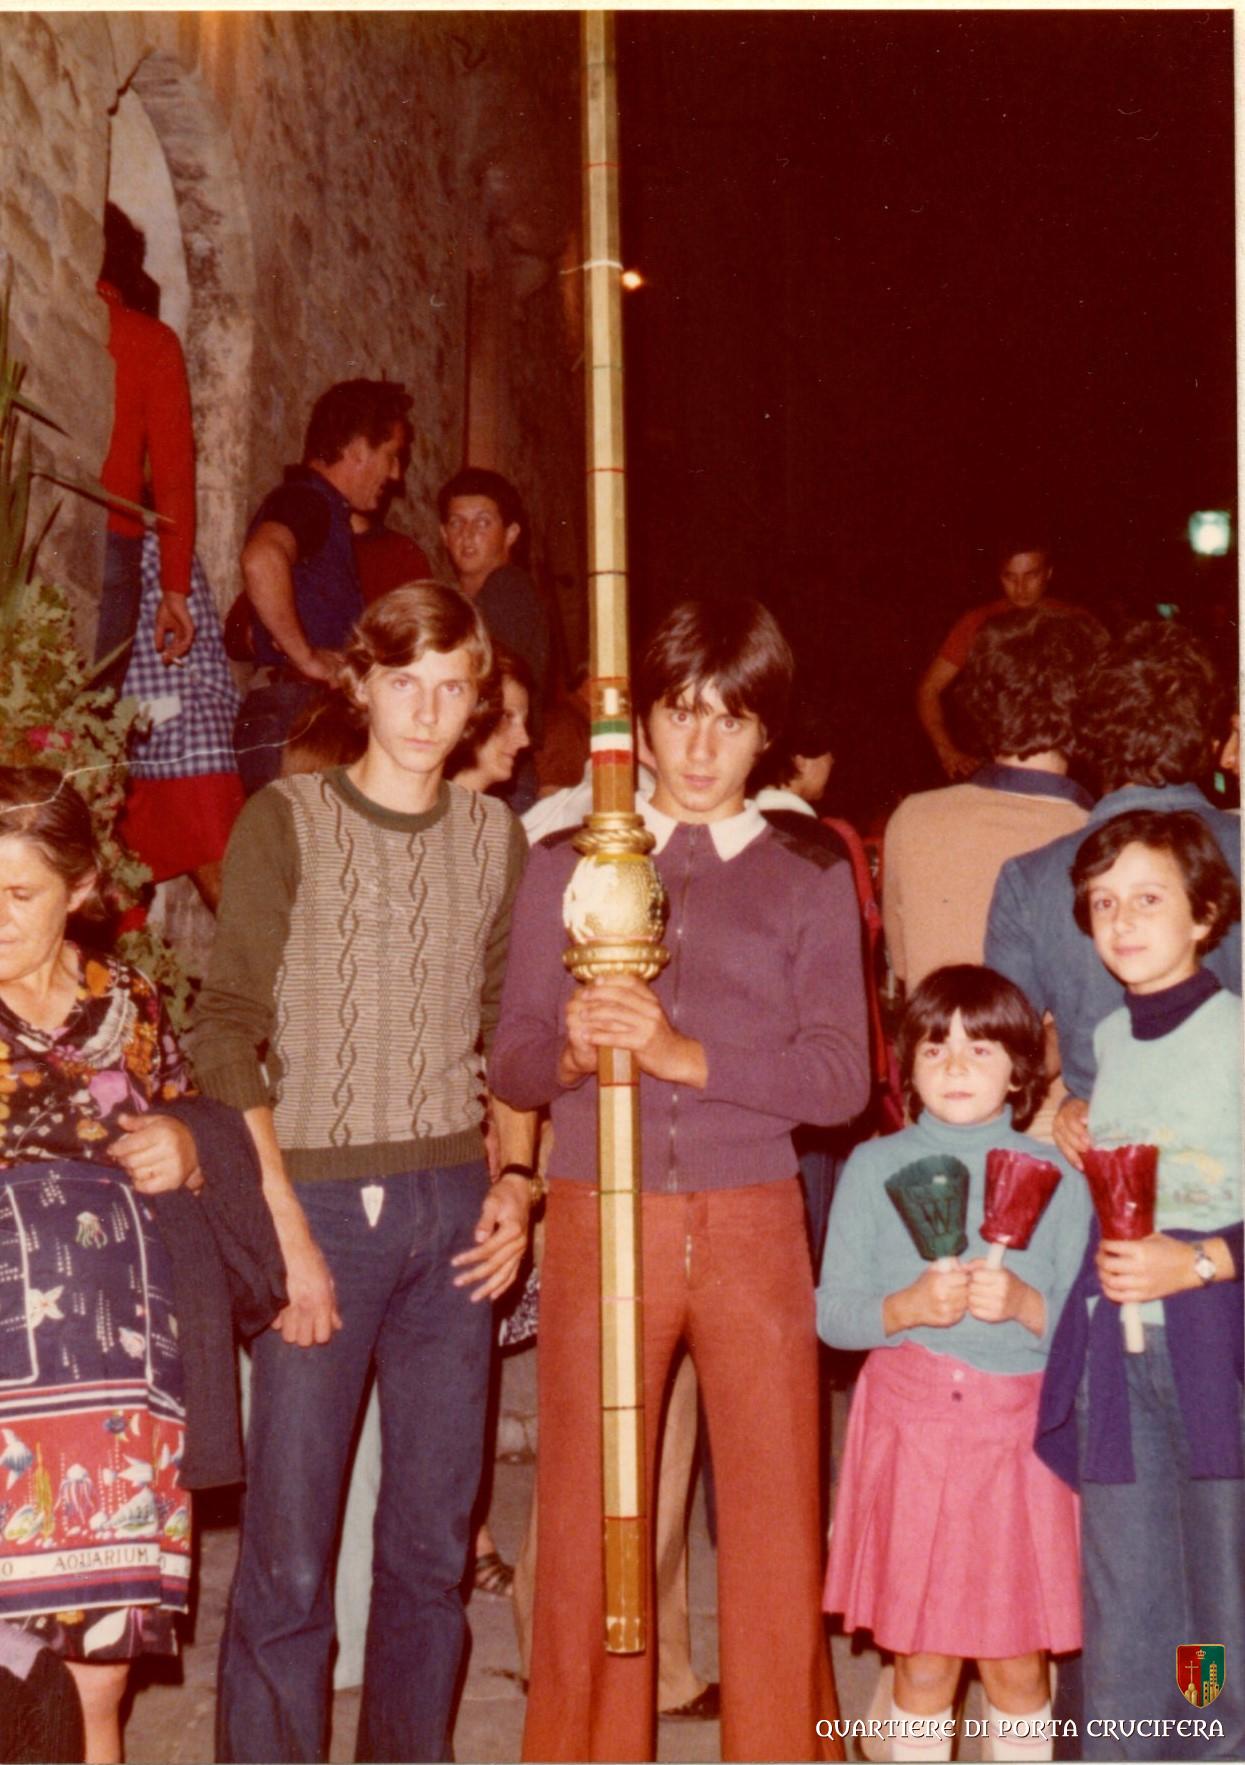 03 - 1976 - Paolo Severi - Marco Ercolini